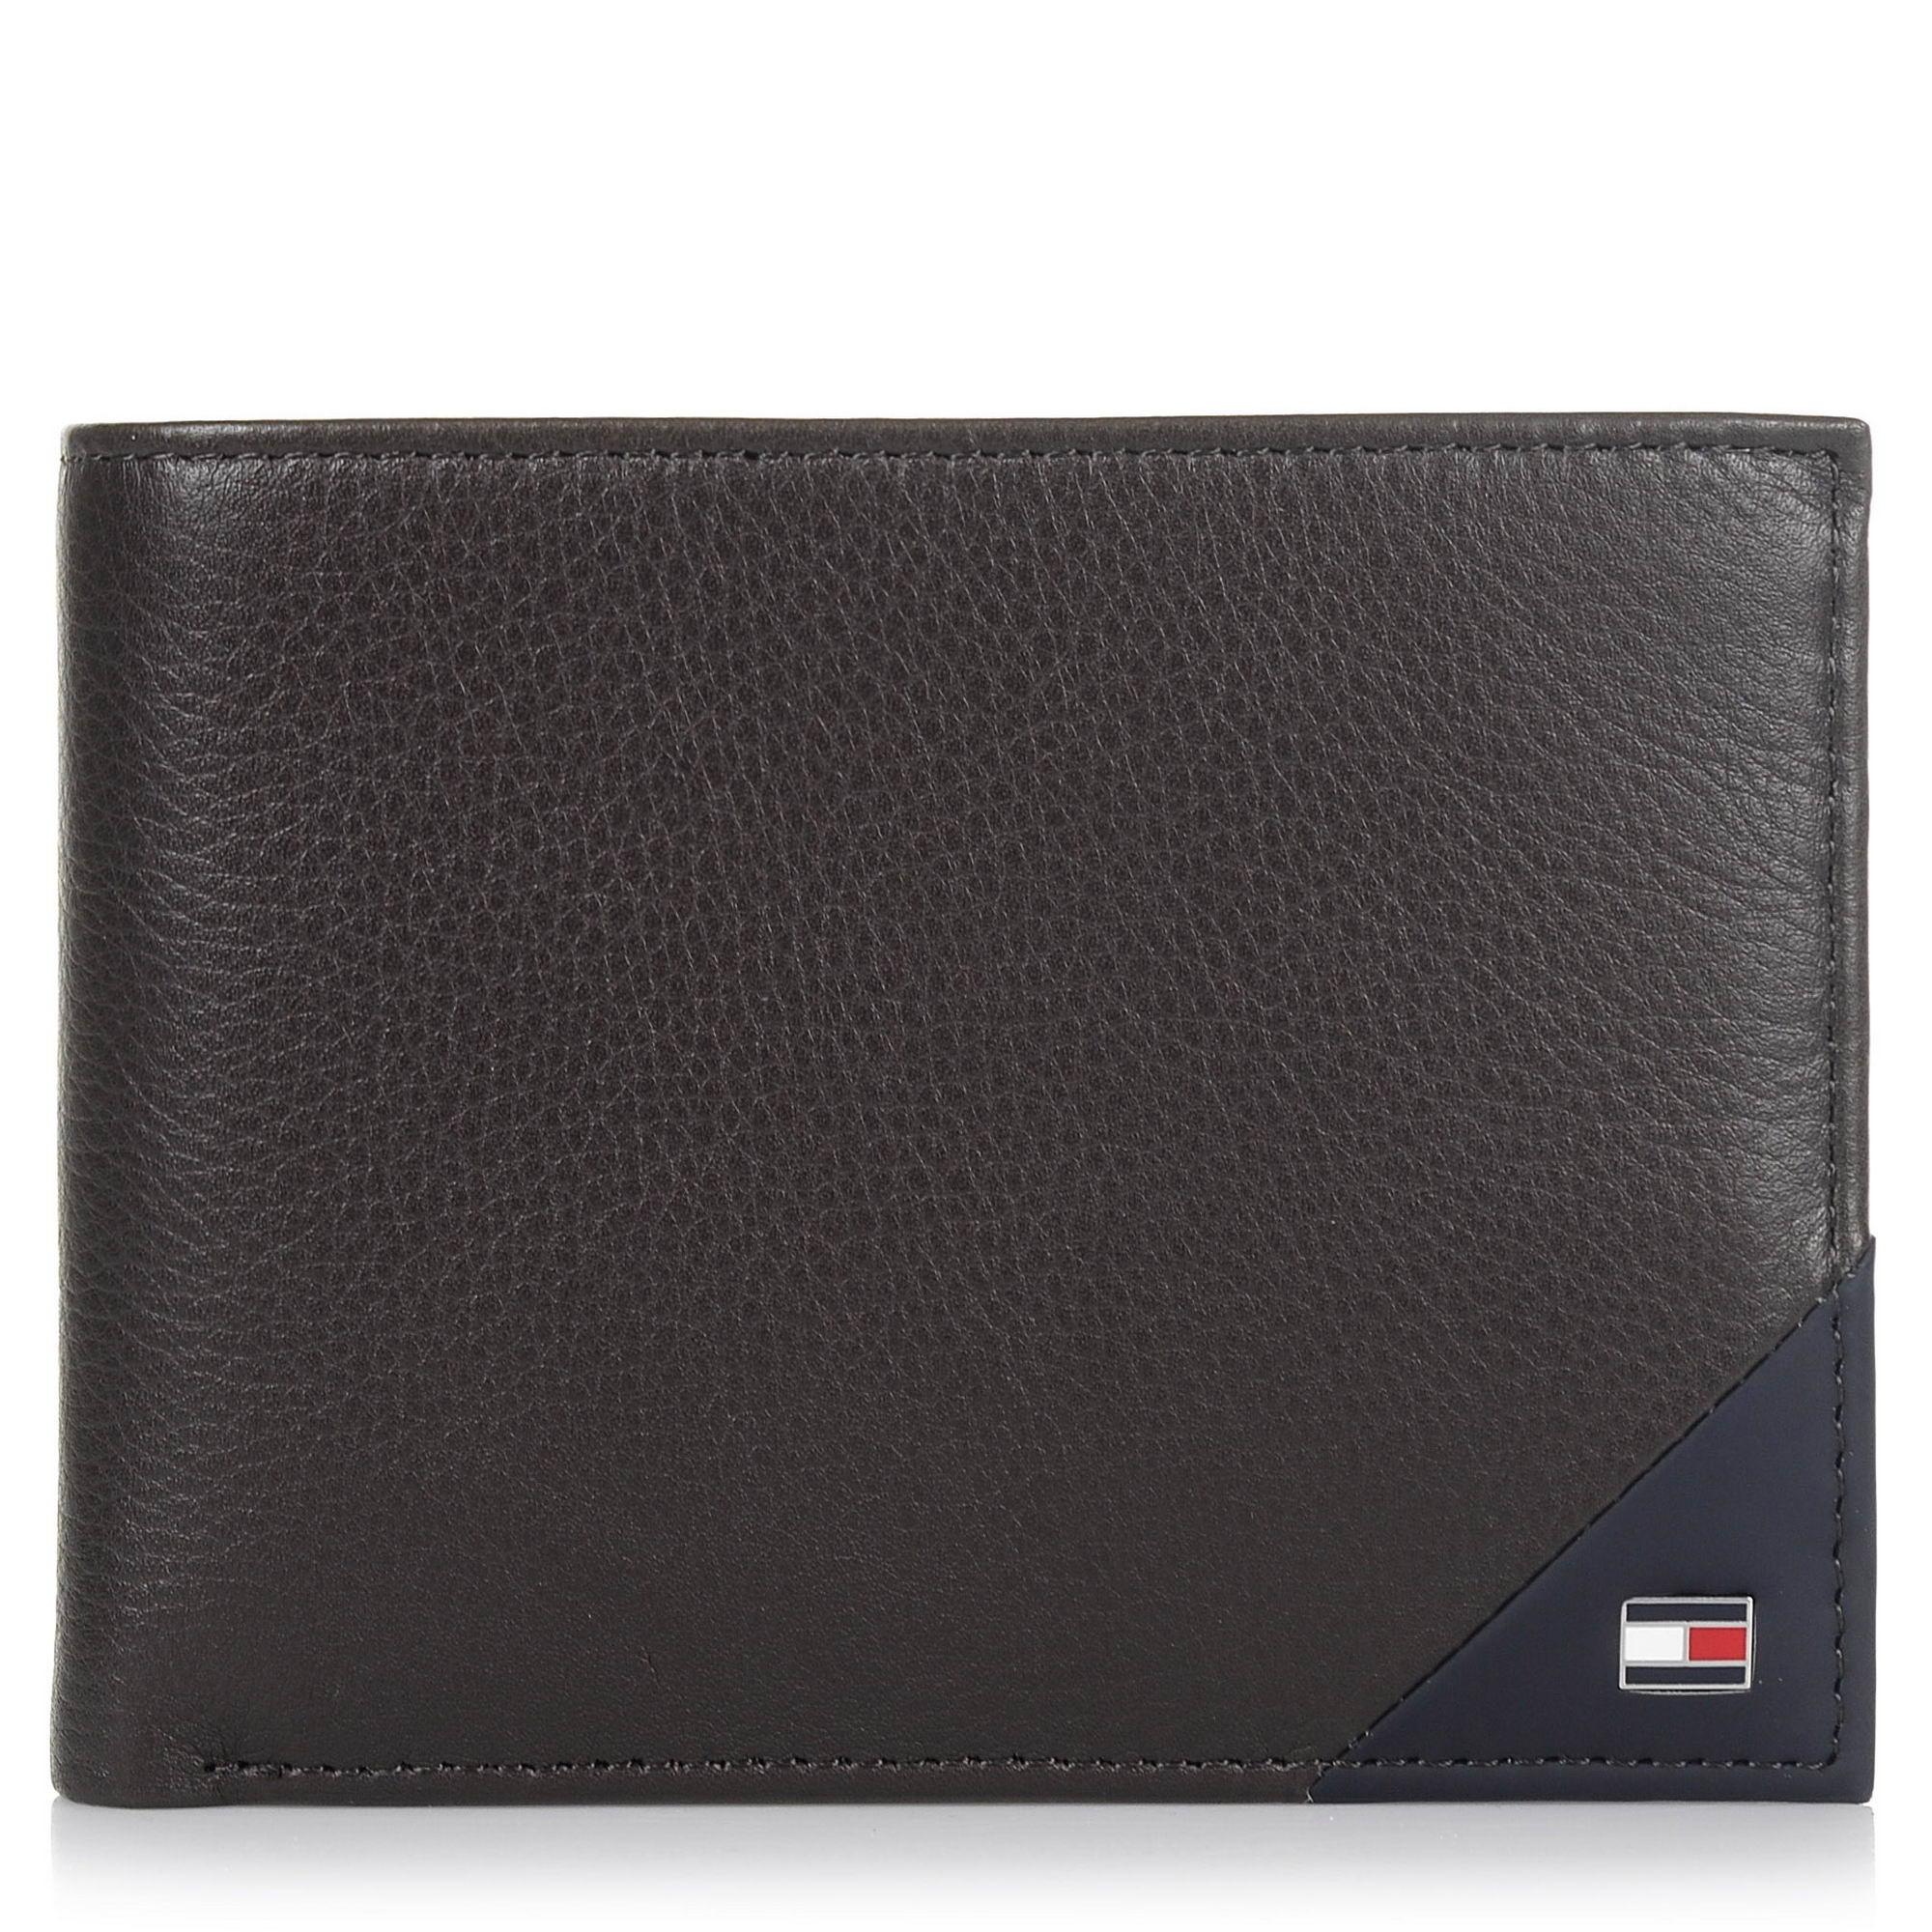 Δερμάτινο Πορτοφόλι Tommy Hilfiger Diagonal Extra CC & Coin Pocket AM0AM02857 ανδρας   ανδρικό πορτοφόλι